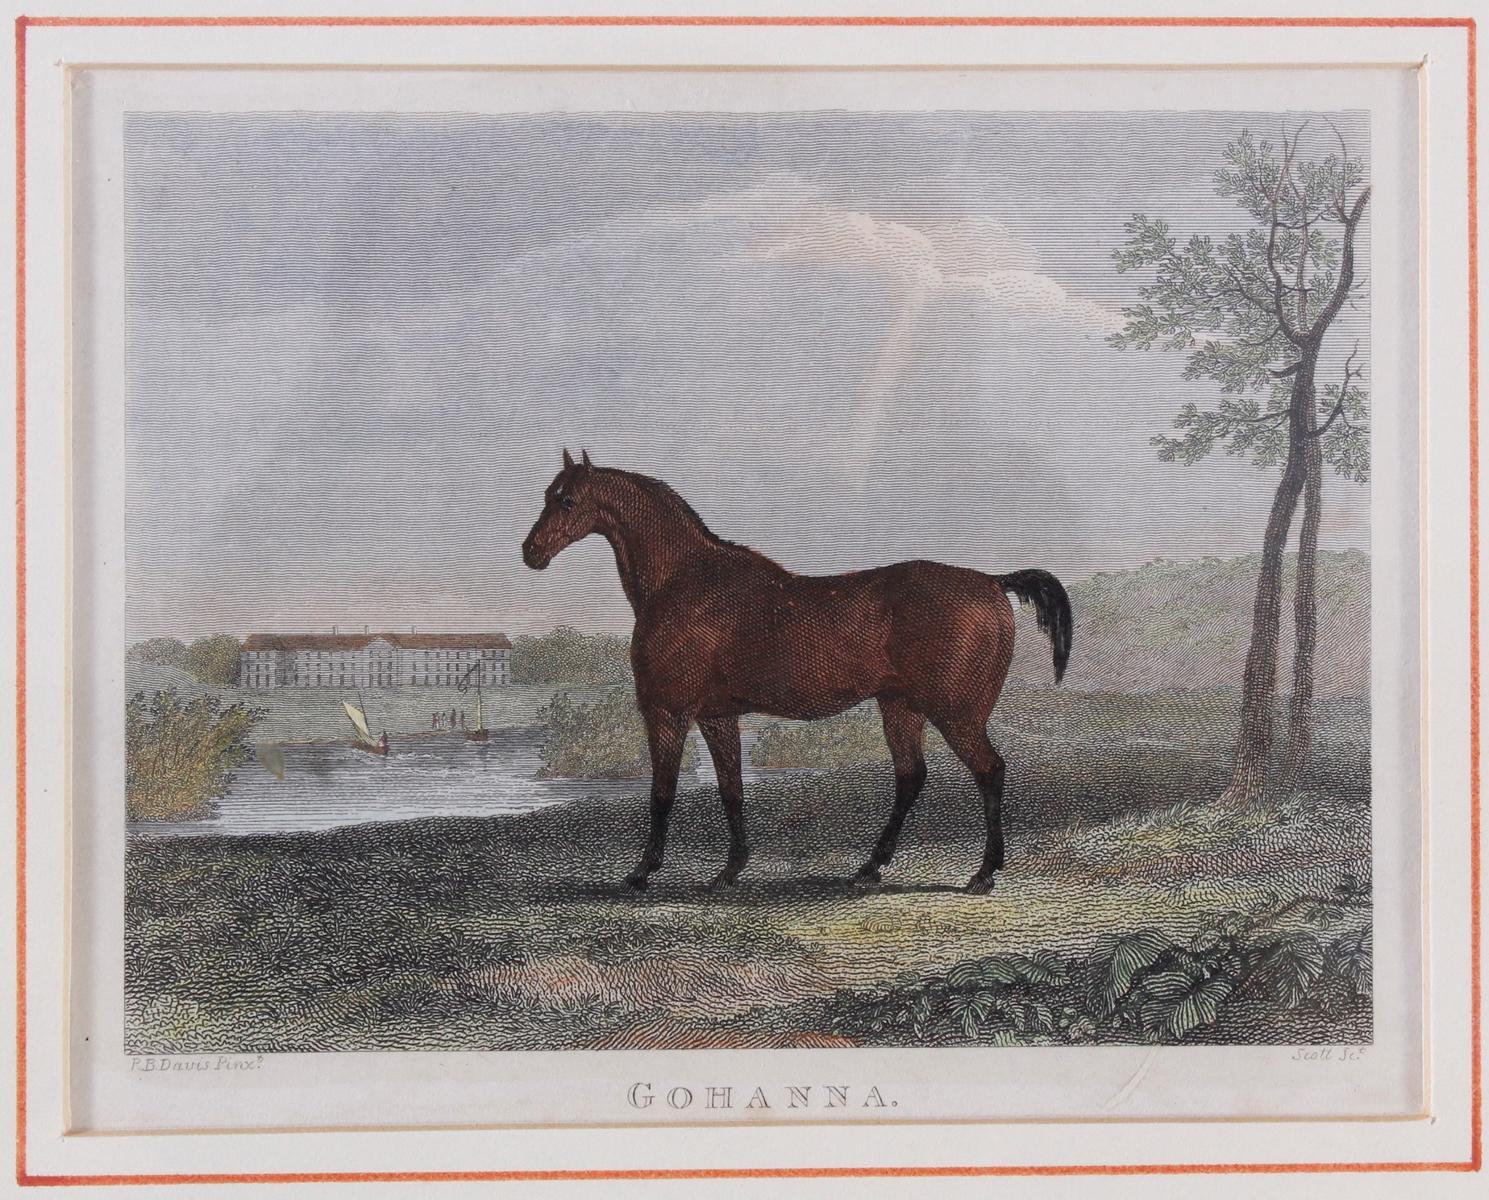 Drei Lithographien zum Thema Pferde-2